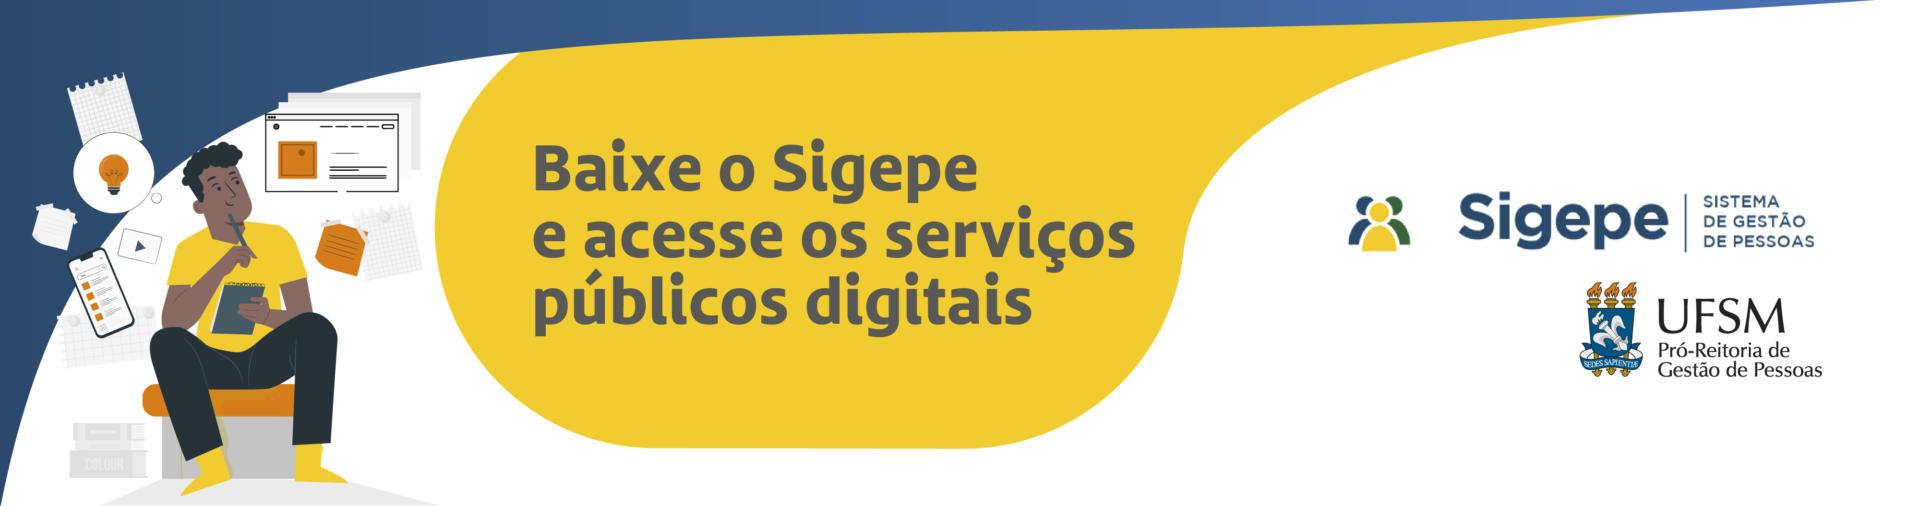 Banner branco e amarelo com ilustração de pessoa e aplicativos e texto: Baixe o Sigepe e acesse os serviços públicos digitais